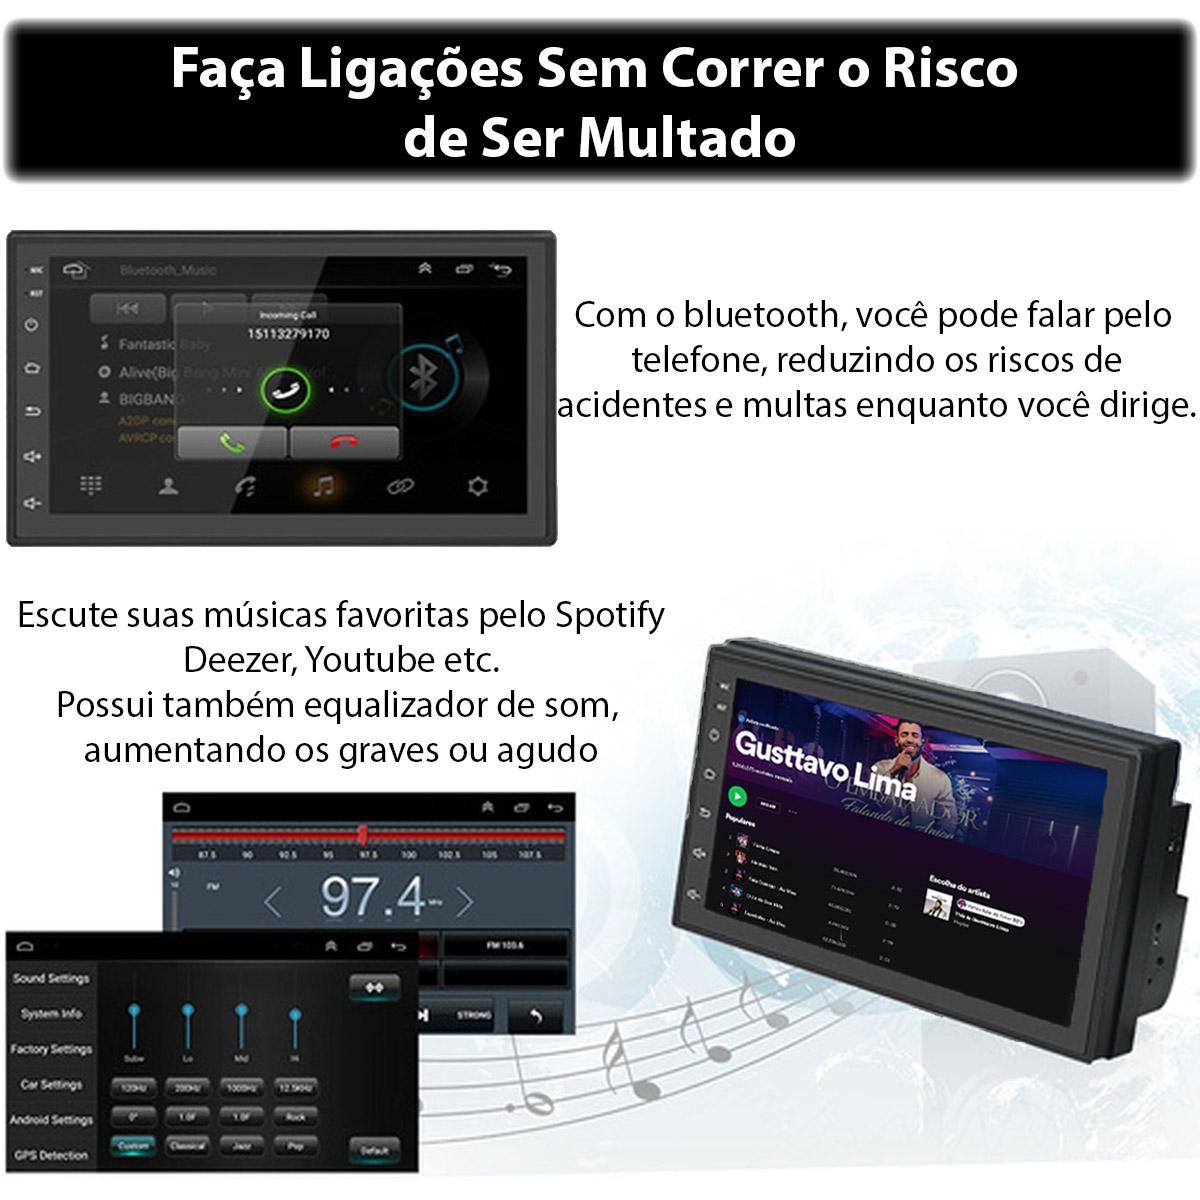 Central Multimidia com Moldura Toyota Corolla Mp5 Bluetooth Usb Touchscreen 7 Polegadas 2 Din 2008 a 2013 Atacado